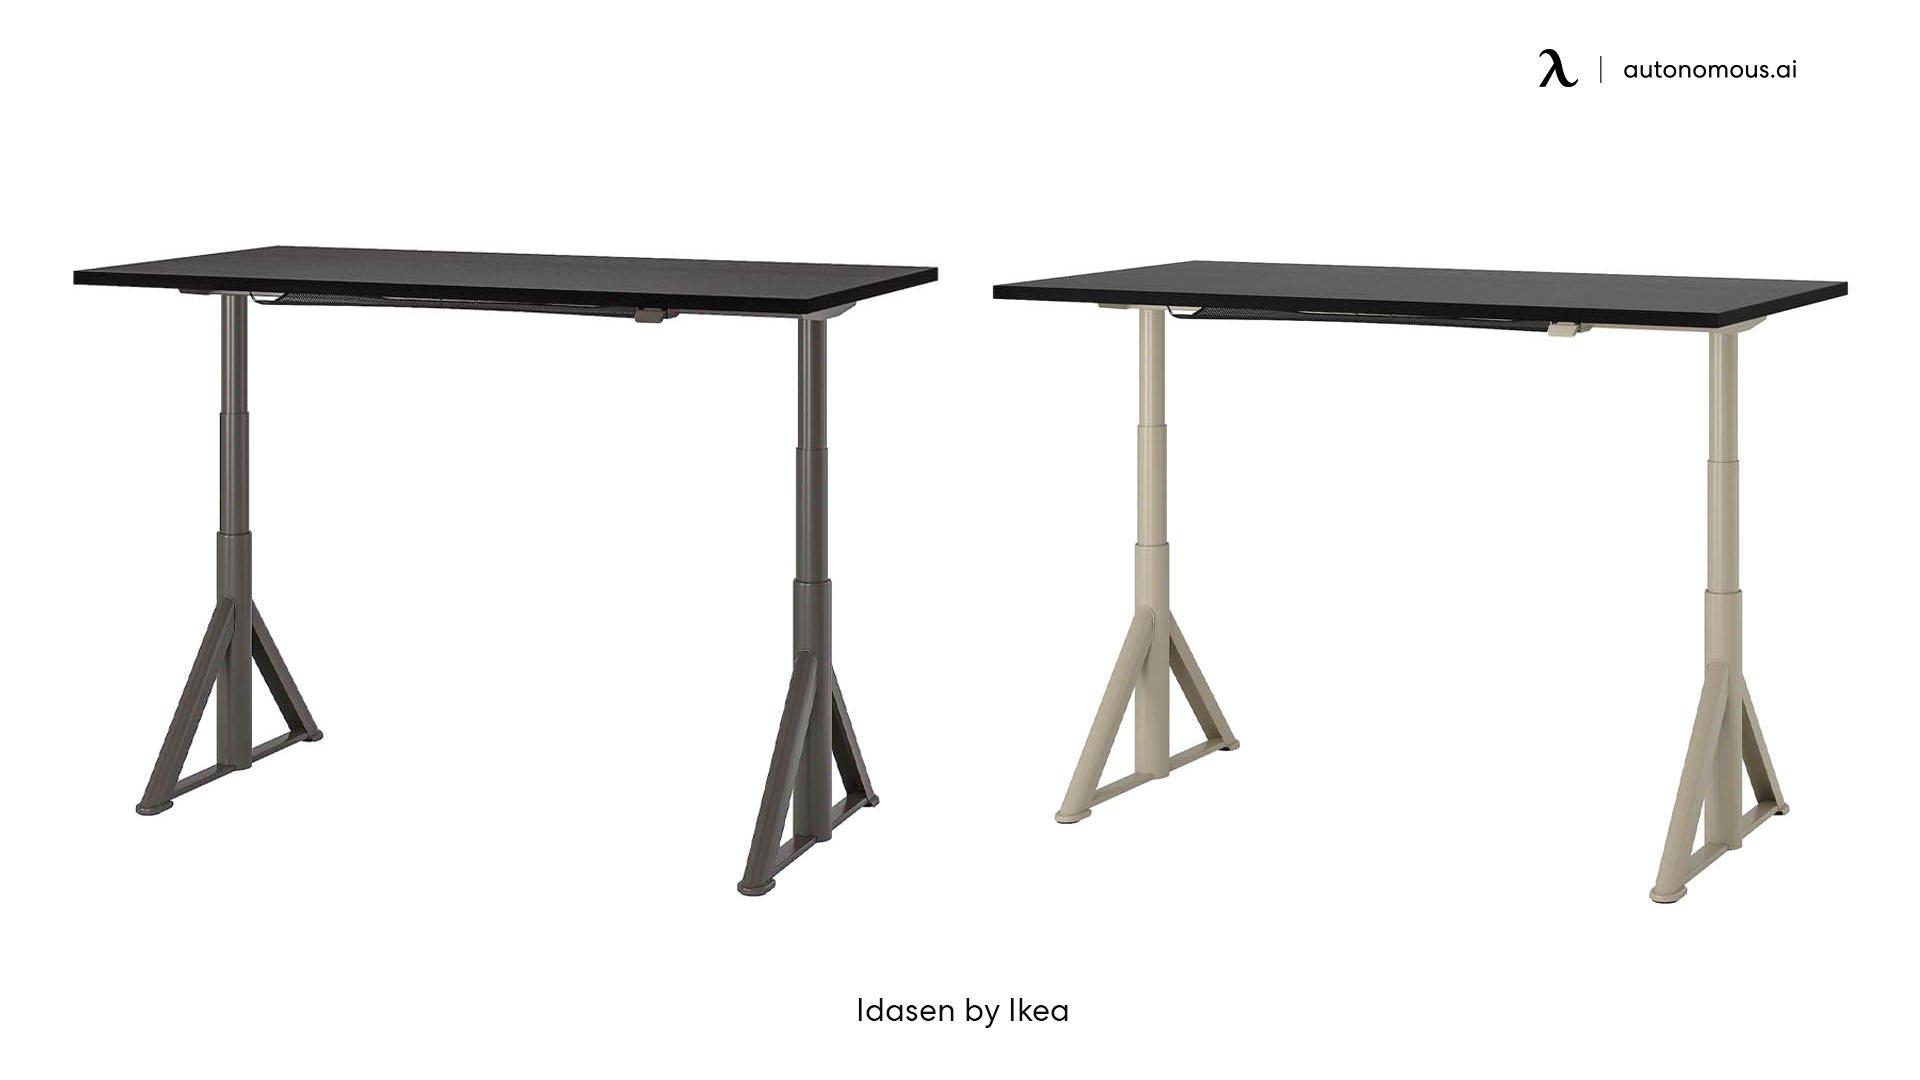 IKEA Idasen home office desk